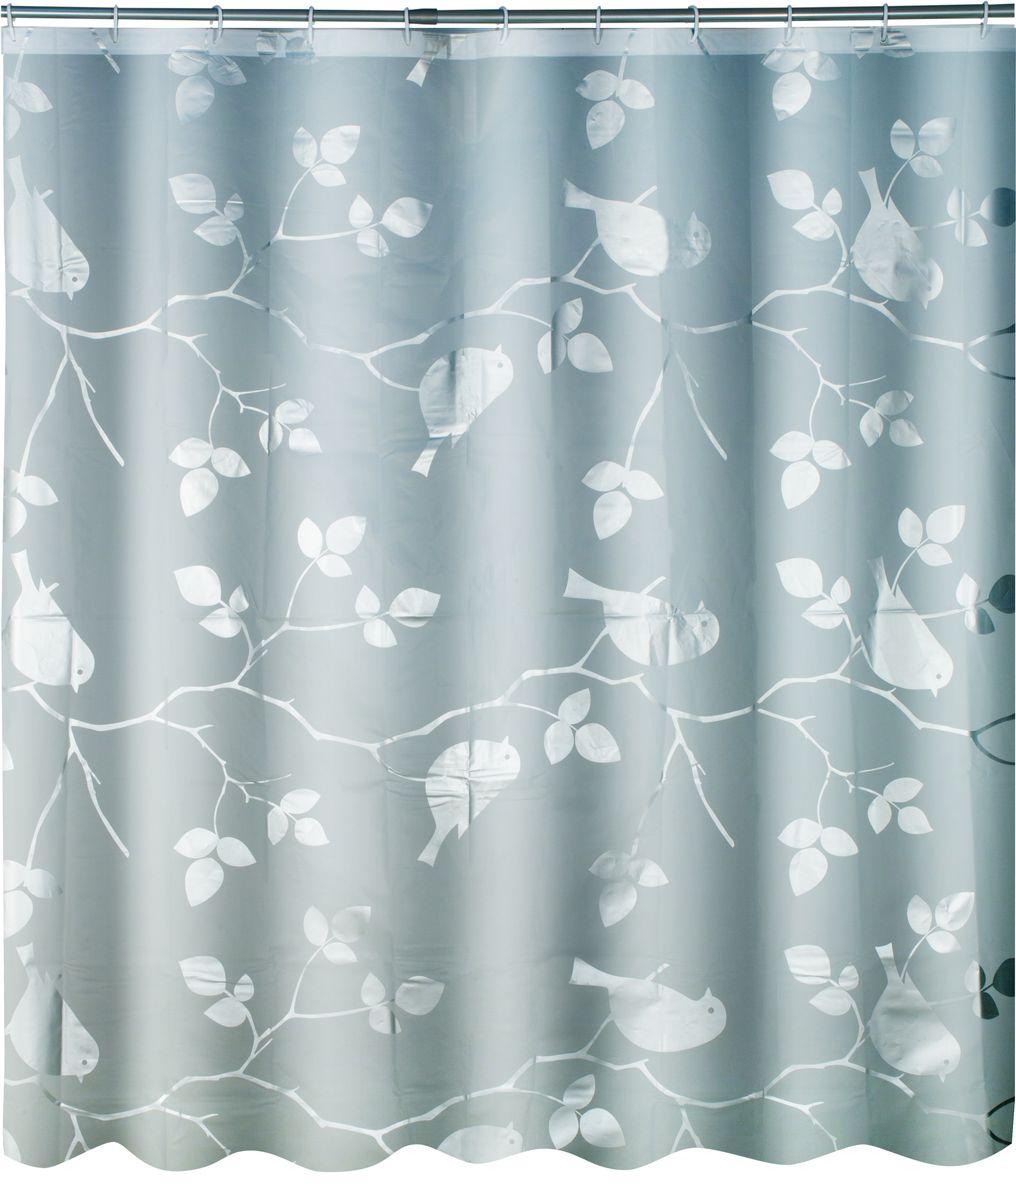 Штора для ванной Swensa Birds, цвет: серый, 180 х 180 смRG-D31SШтора выполненна из такого материала как ПЕВА и EVA (вспененный этиленвинилацетат) и оформлена оригинальным рисунком. Она надежно защитит от брызг и капель пространство вашей ванной комнаты в то время, пока вы принимаете душ. В верхней кромке шторы предусмотрены отверстия для пластиковых колец, которые входят в комплект.Количество колец: 12 шт.